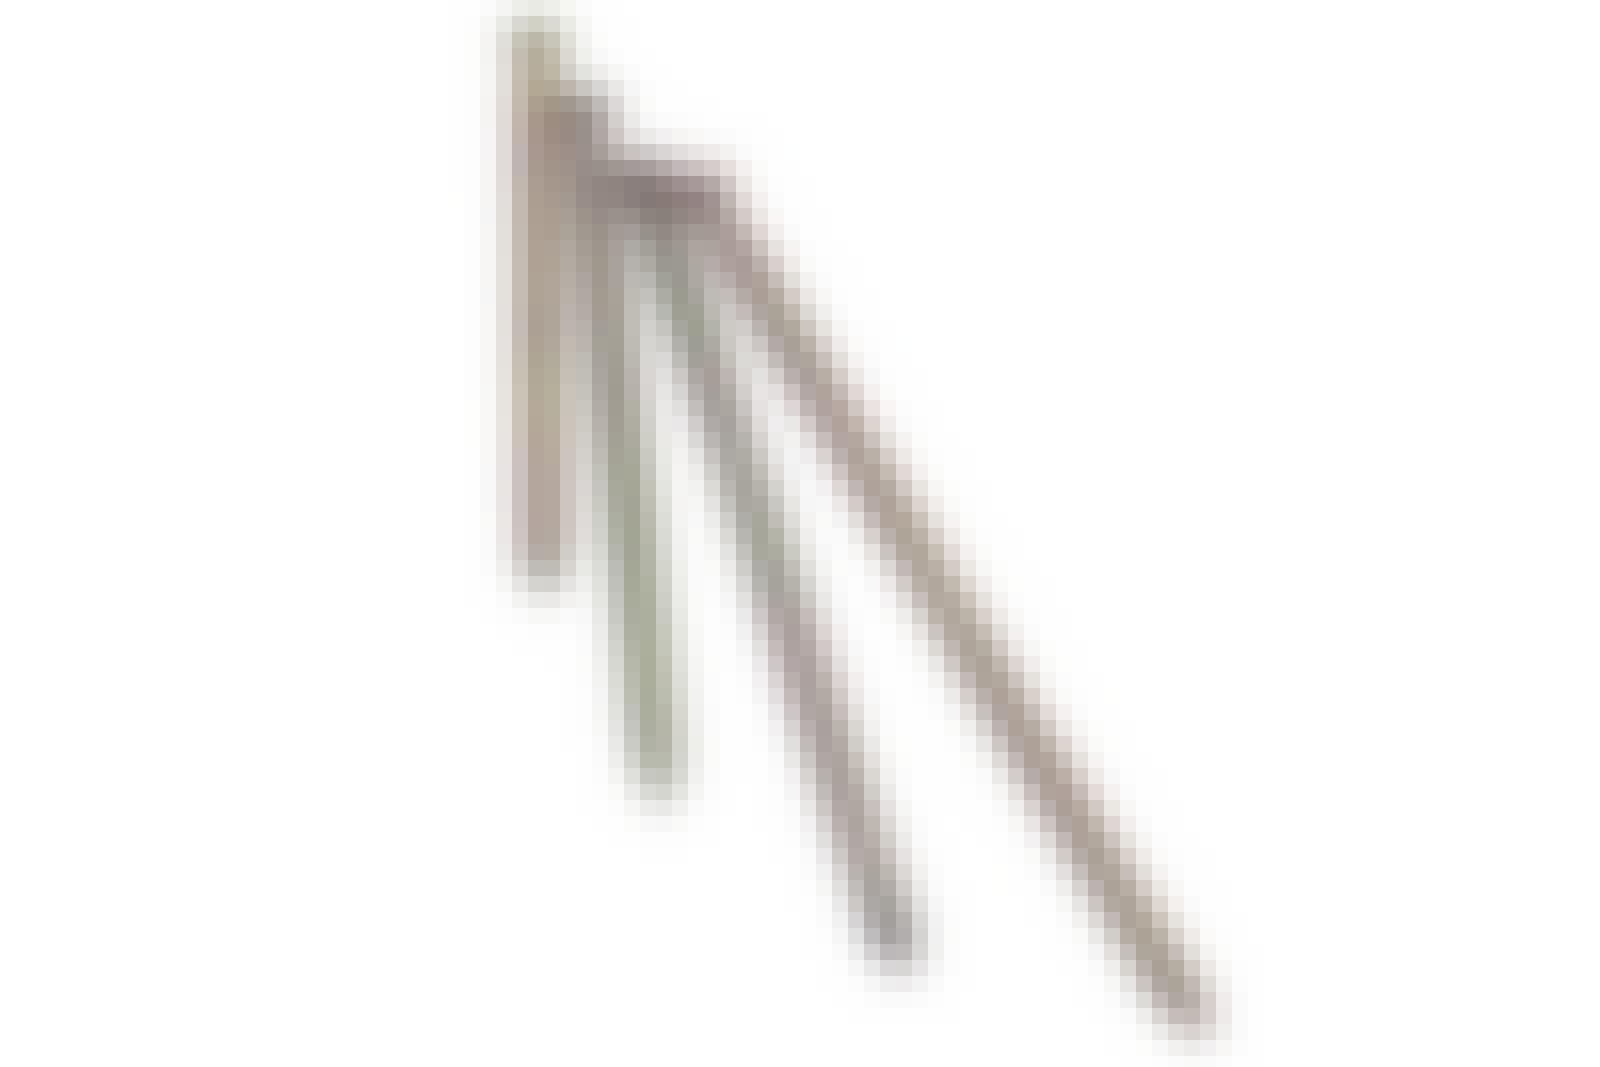 Karmiruuvit: Ikkunoiden ja ovien karmiruuvit